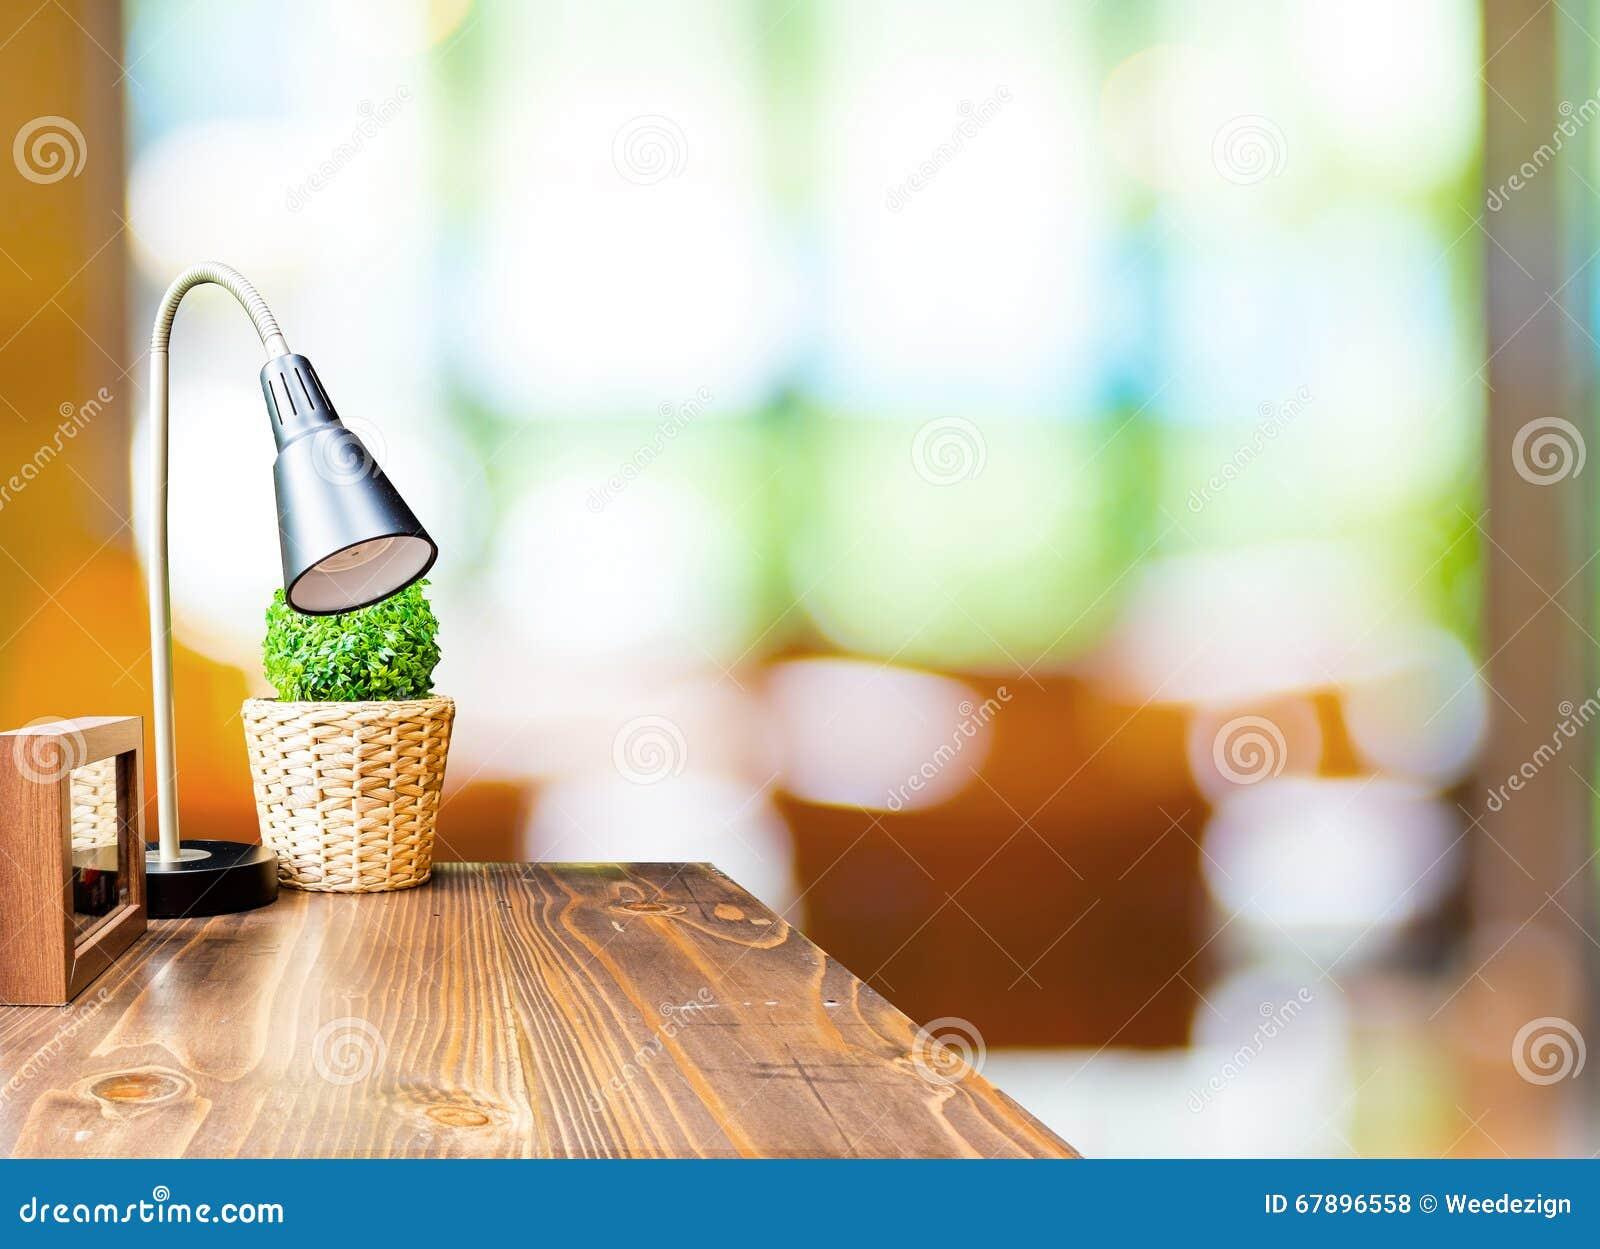 与灯的木桌和在被弄脏的庭院咖啡馆ba的画框